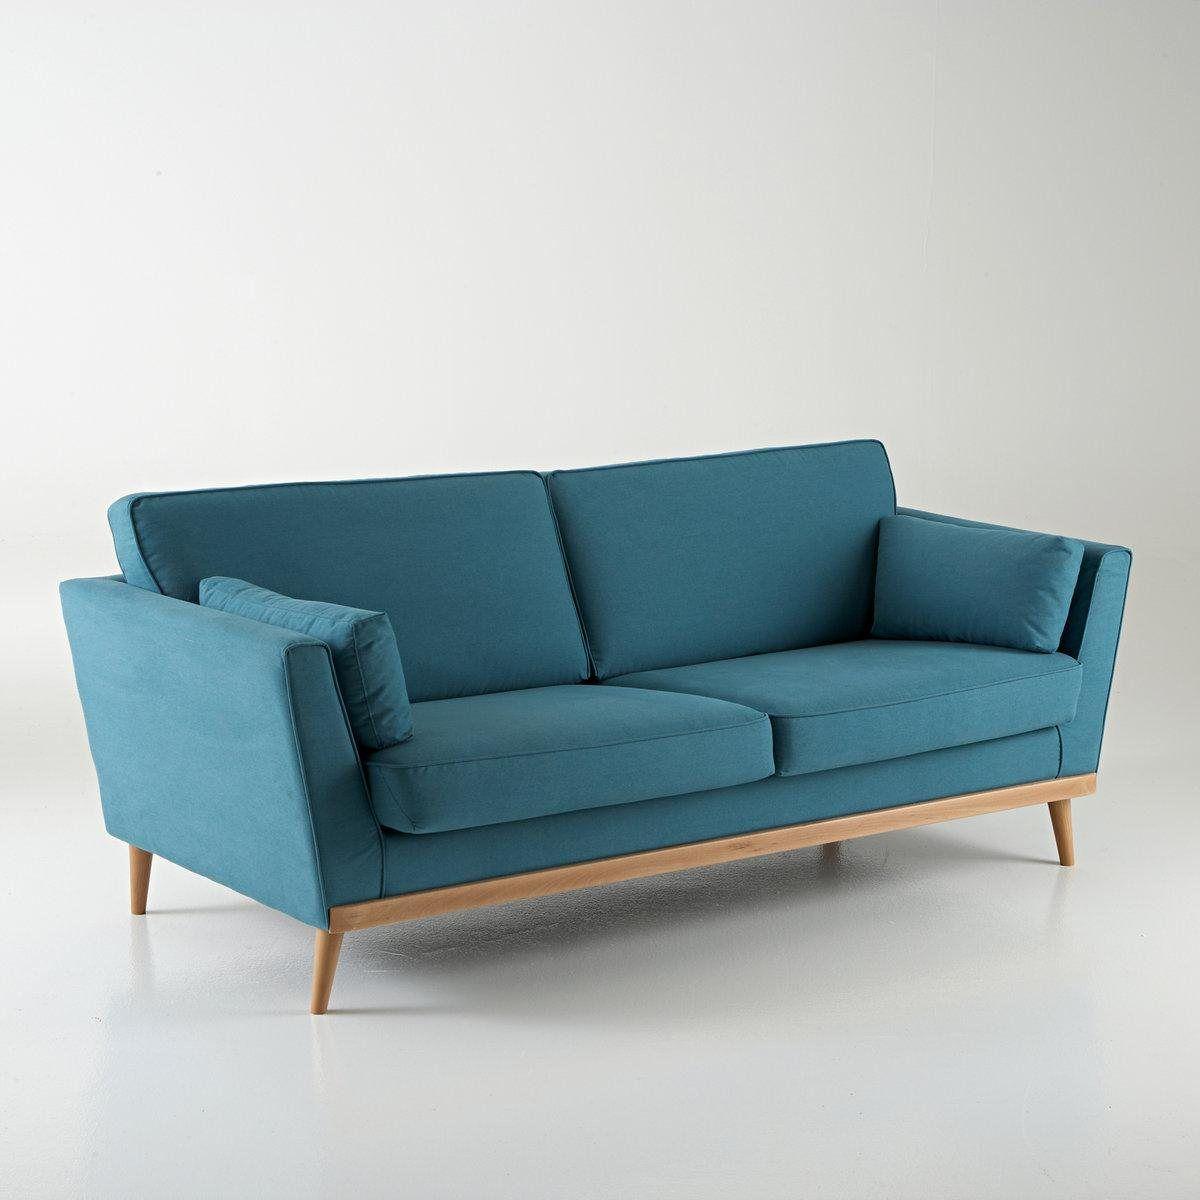 canap vintage 3 et 4 places tasie la redoute interieurs prix avis notation livraison le. Black Bedroom Furniture Sets. Home Design Ideas